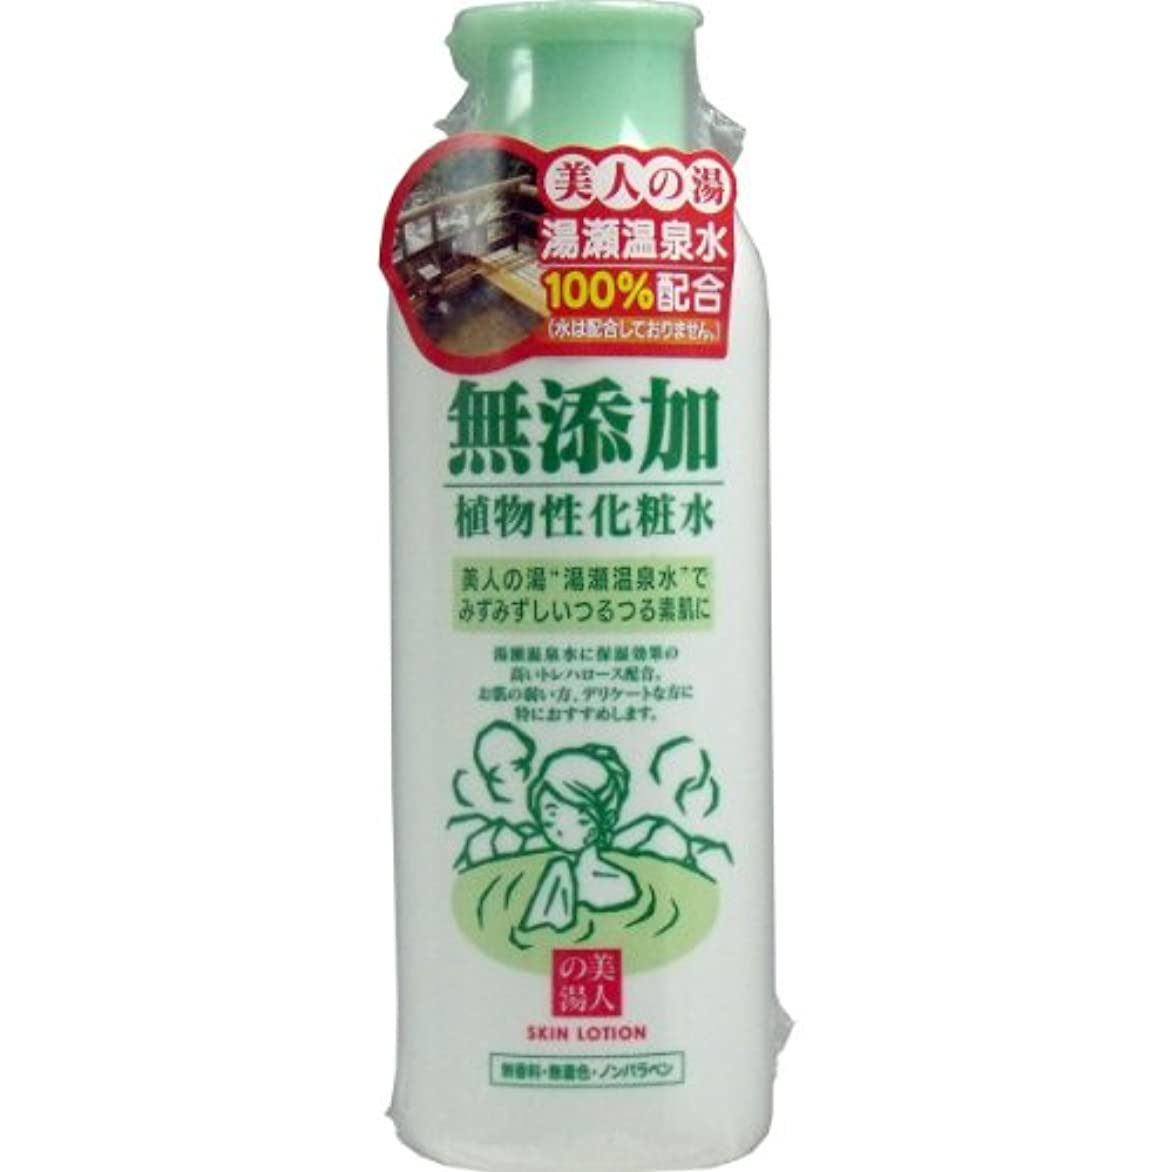 ピュー歩く約設定ユゼ 無添加植物性 化粧水 200ml 【3セット】